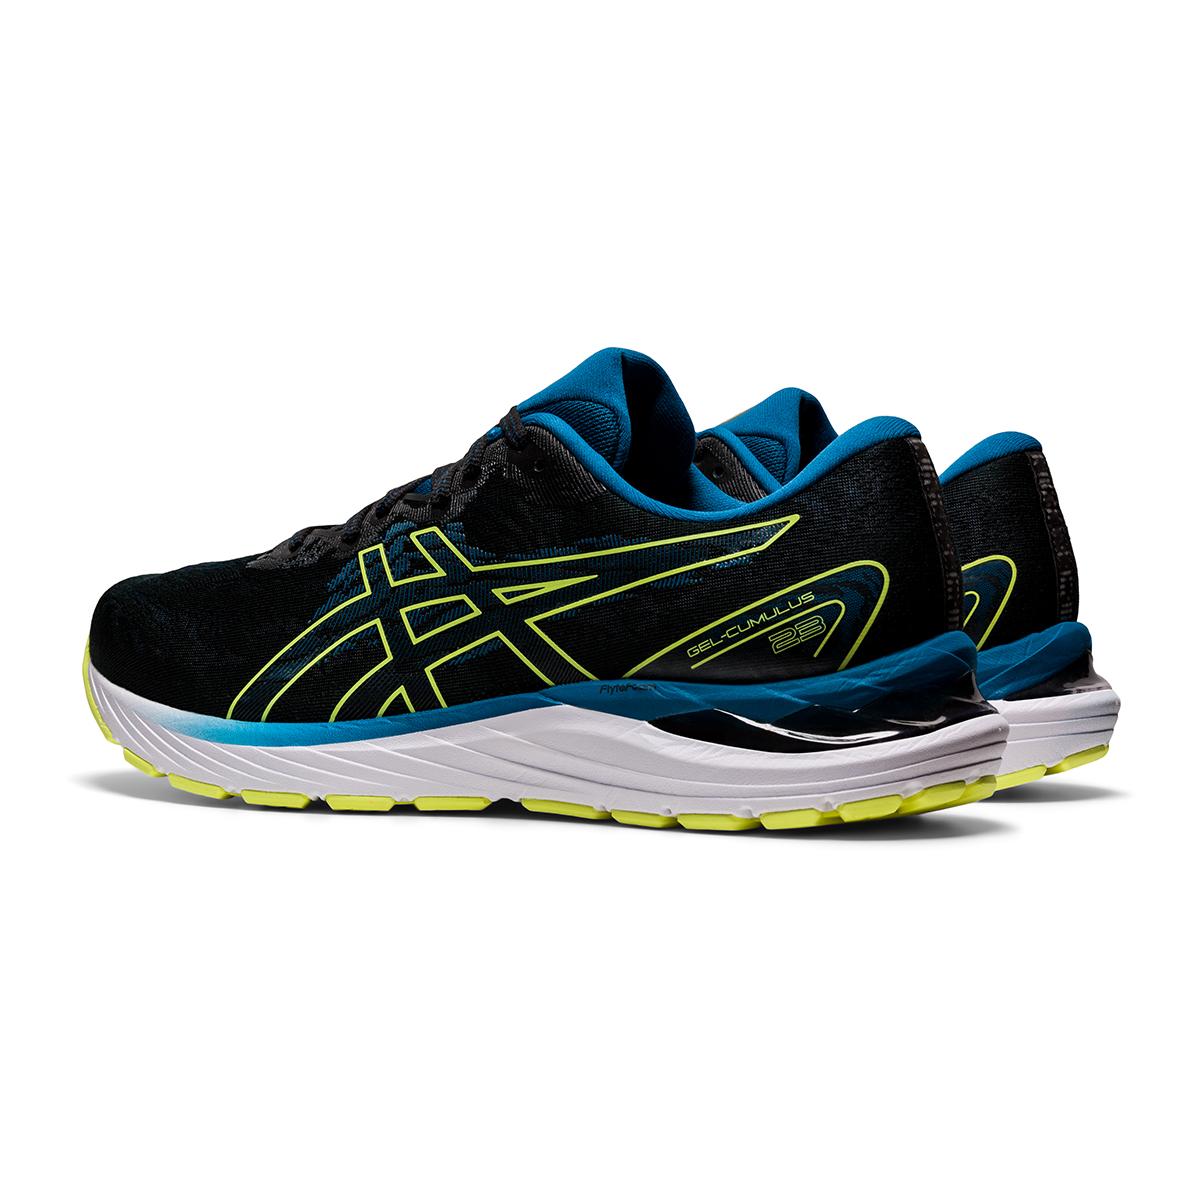 Men's Asics Gel-Cumulus 23 Running Shoe - Color: Black/Glow Yellow - Size: 7 - Width: Regular, Black/Glow Yellow, large, image 4